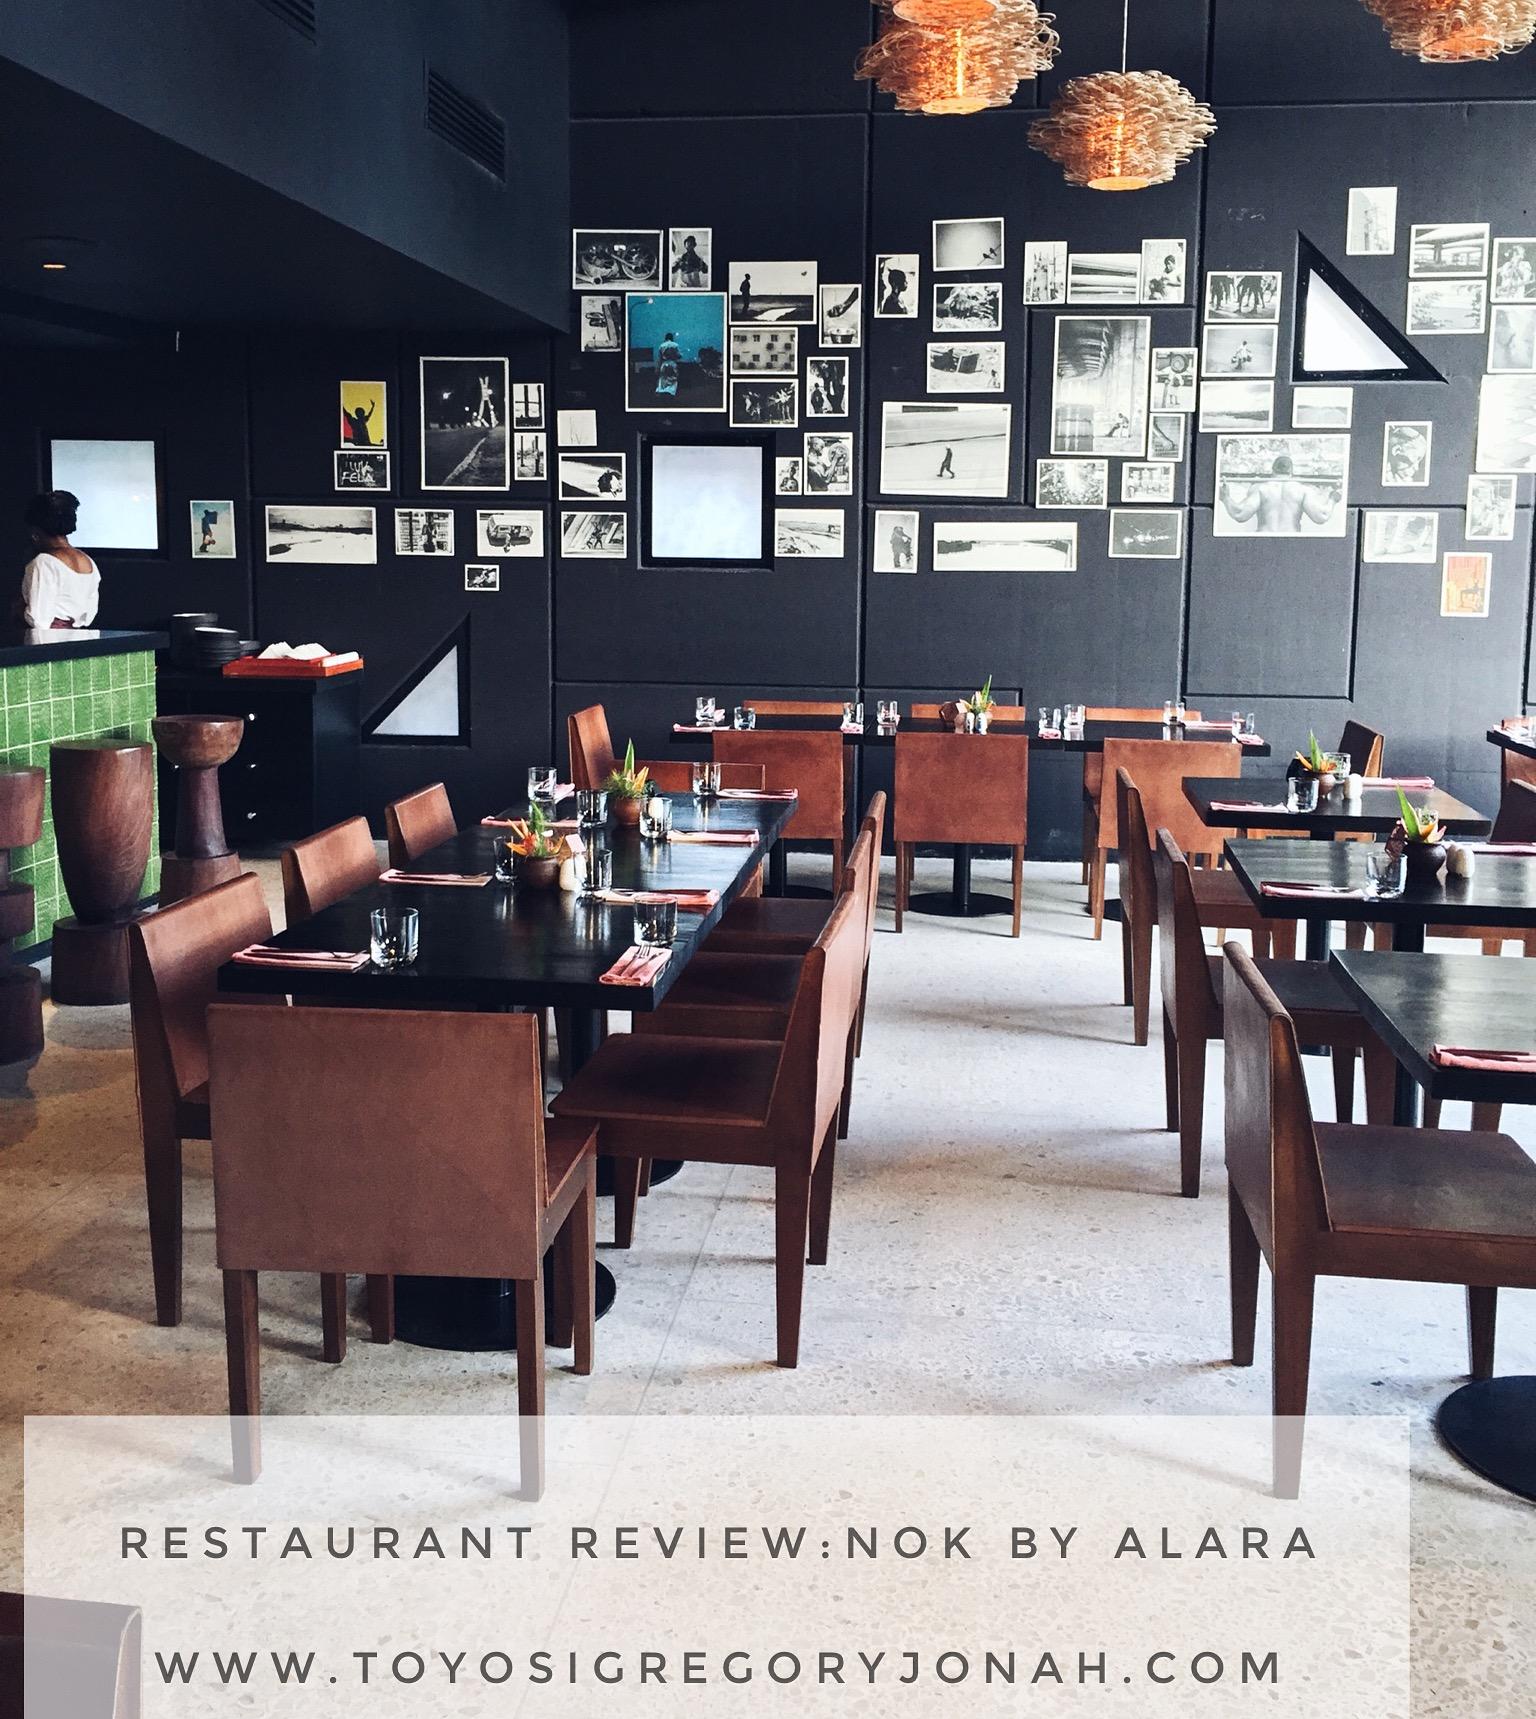 Restaurant Review: Nok by Alara